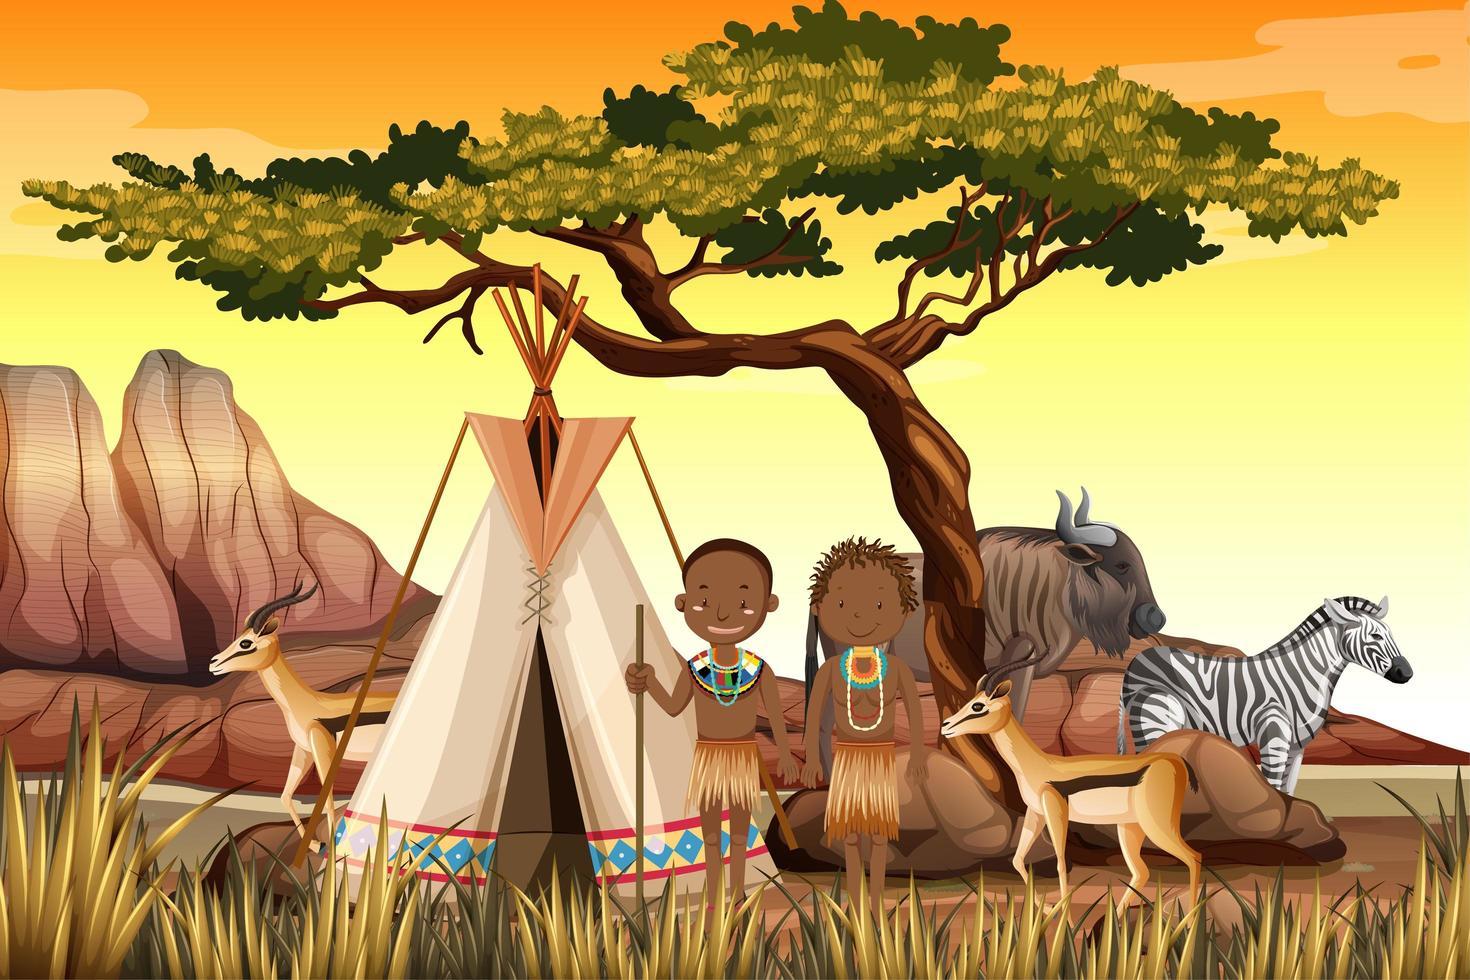 pessoas de tribos africanas em roupas tradicionais cenário natural vetor